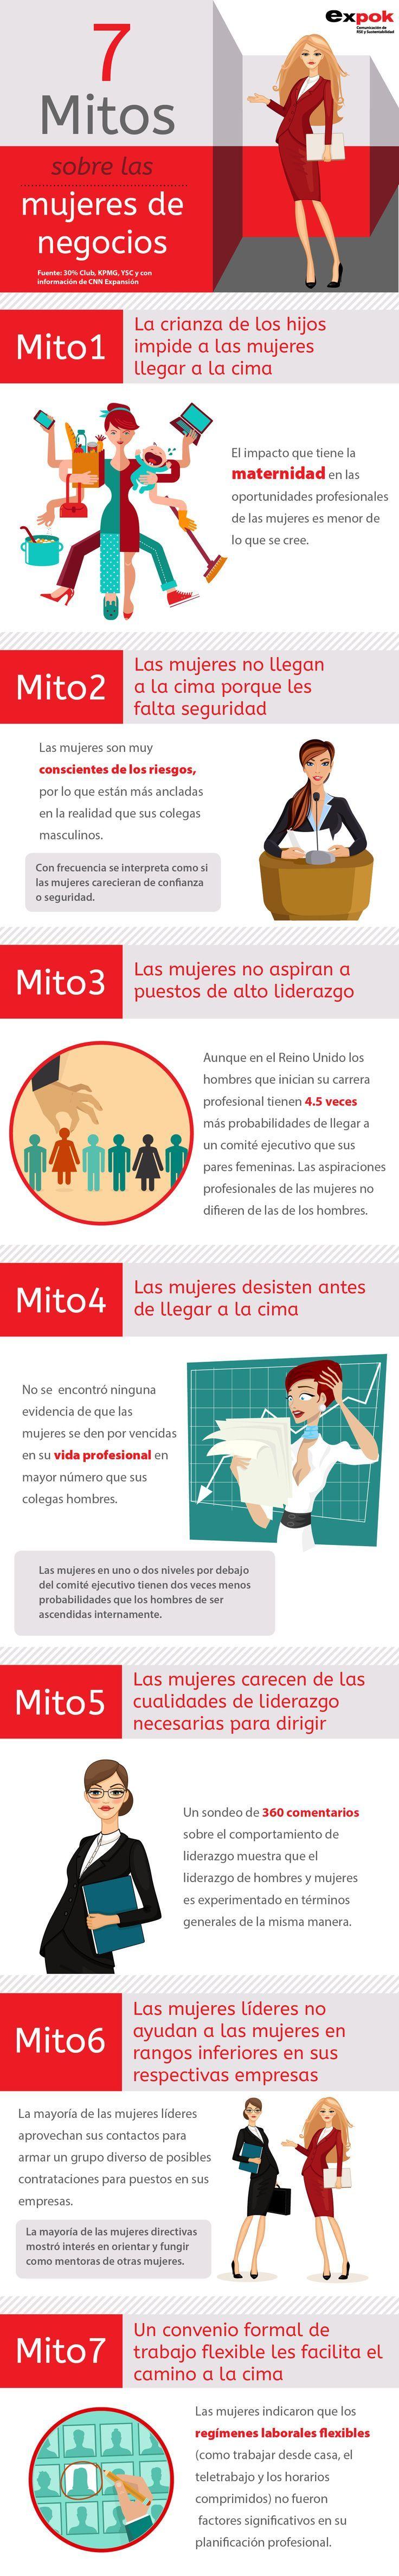 7 Mitos sobre las mujeres emprendedoras  #estudiantes #emprendedores #umayor